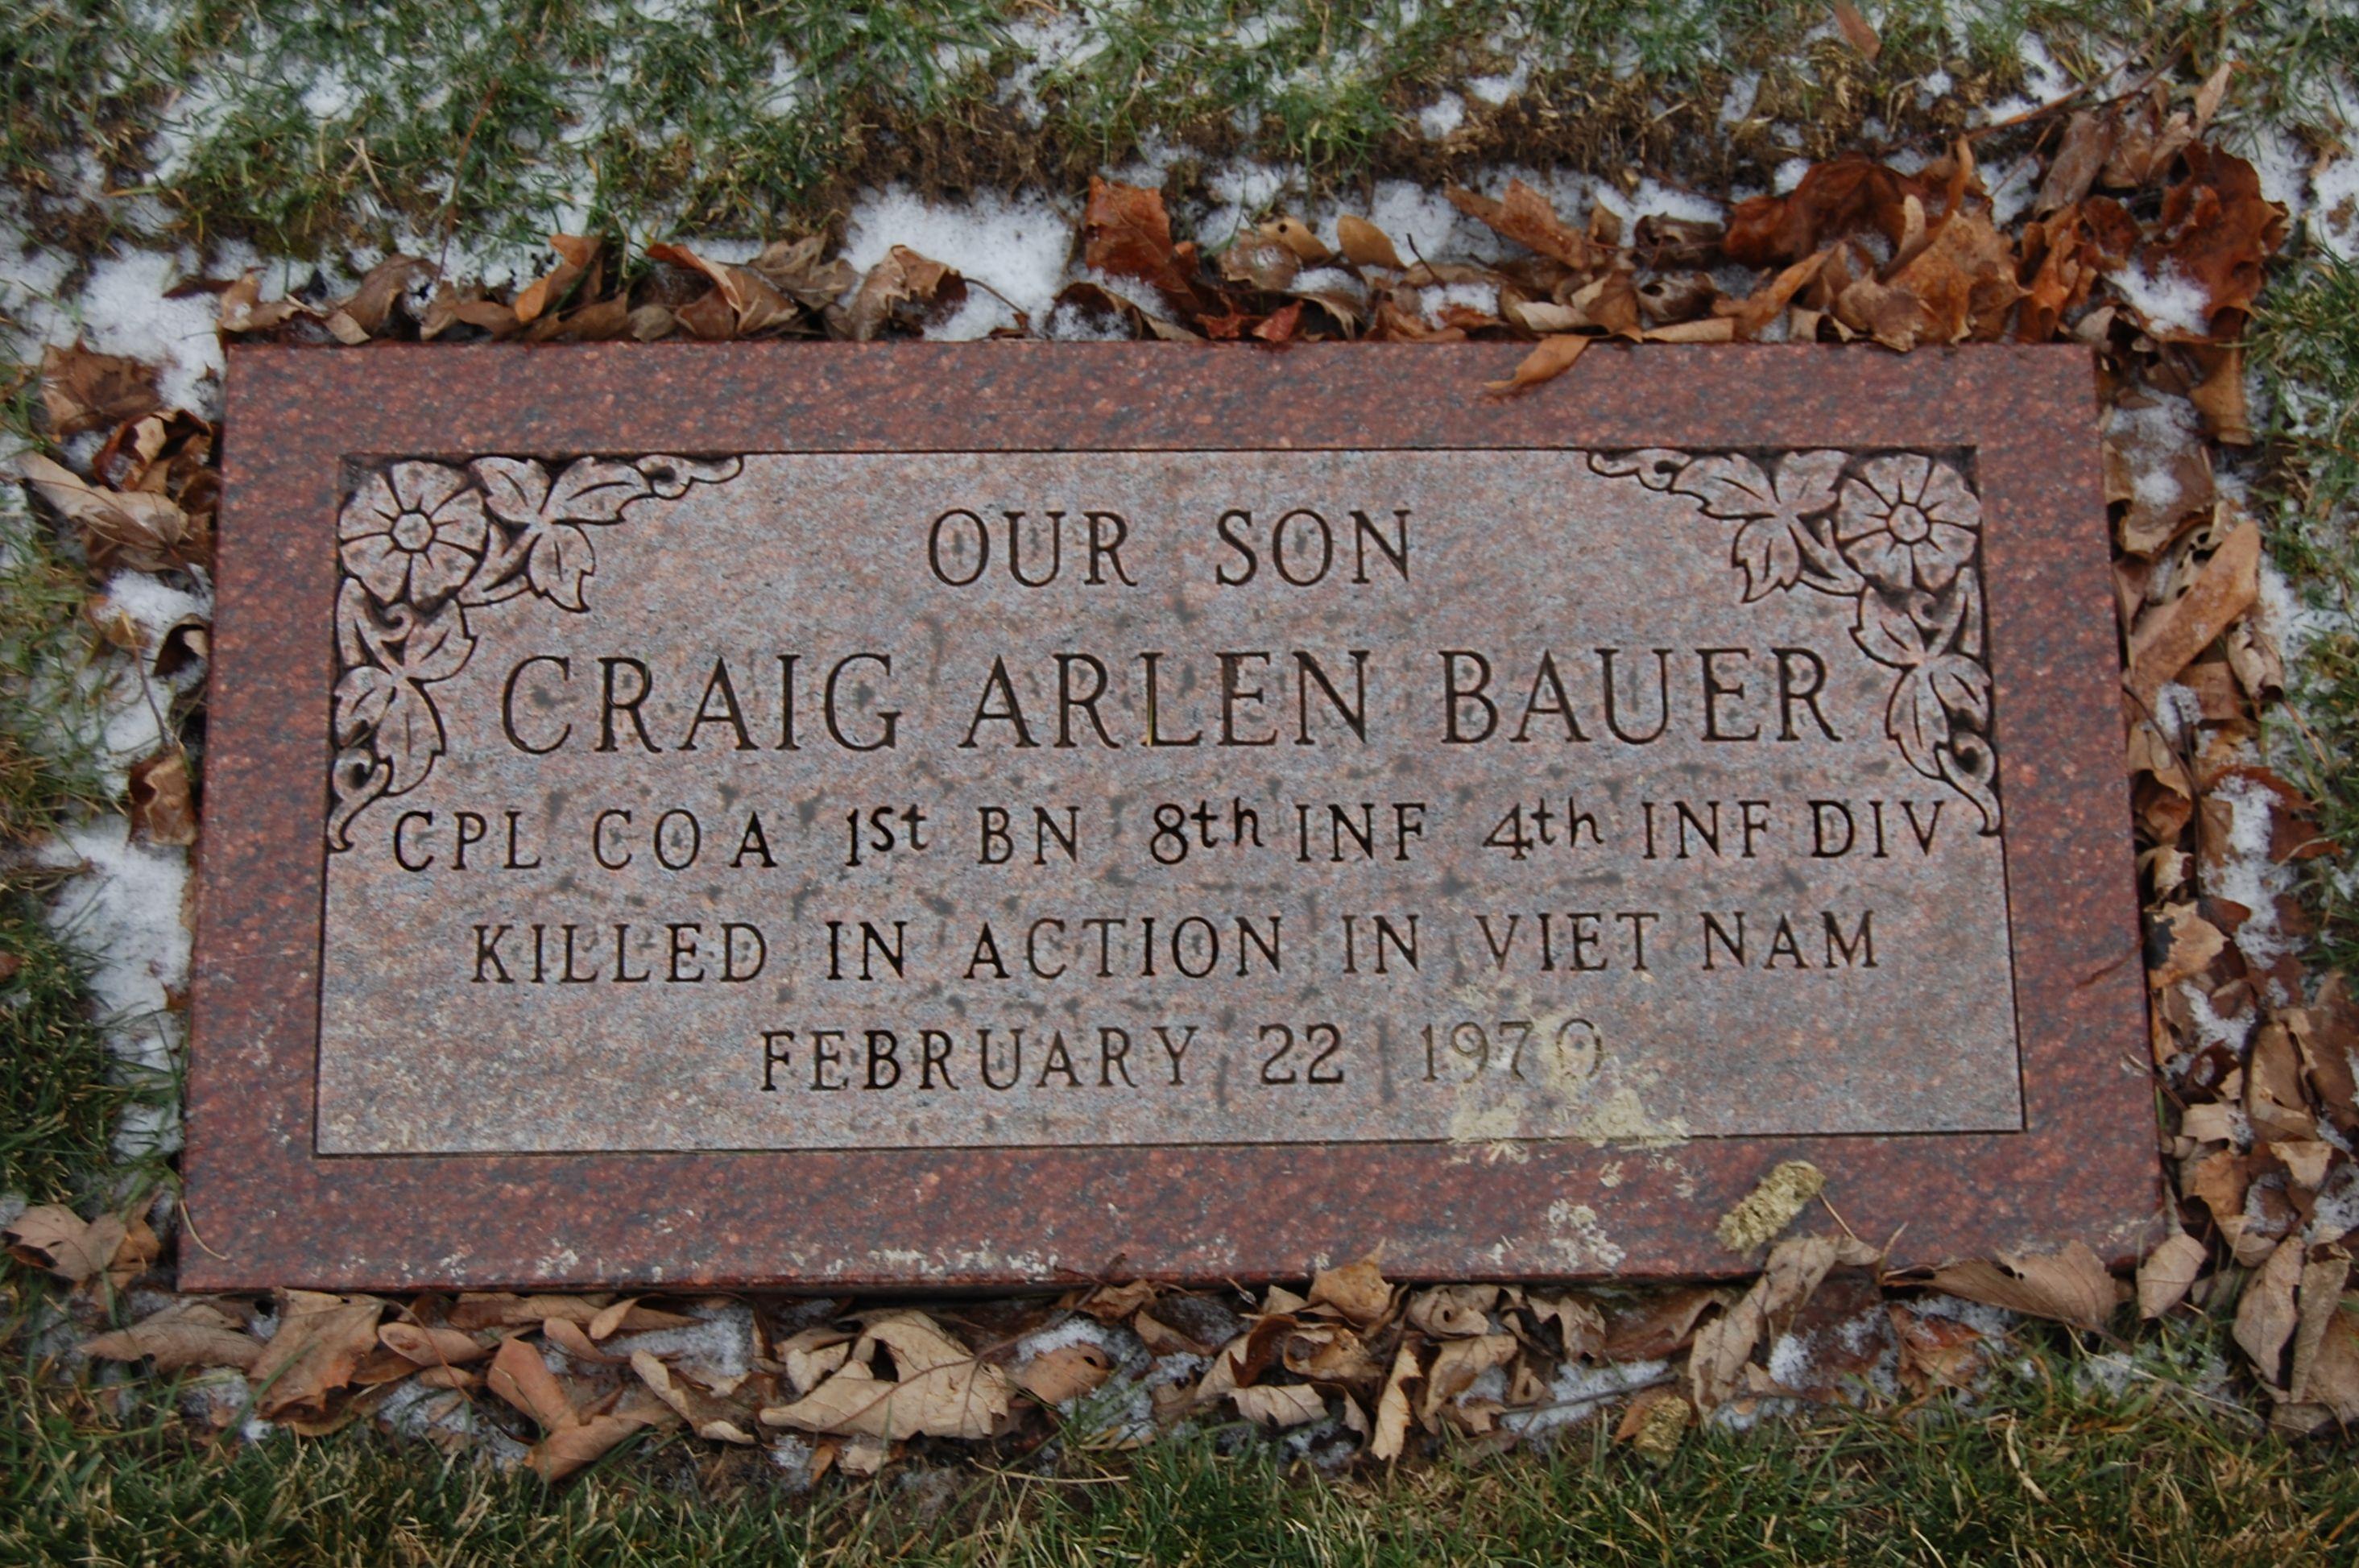 Corp Craig Arlen Bauer